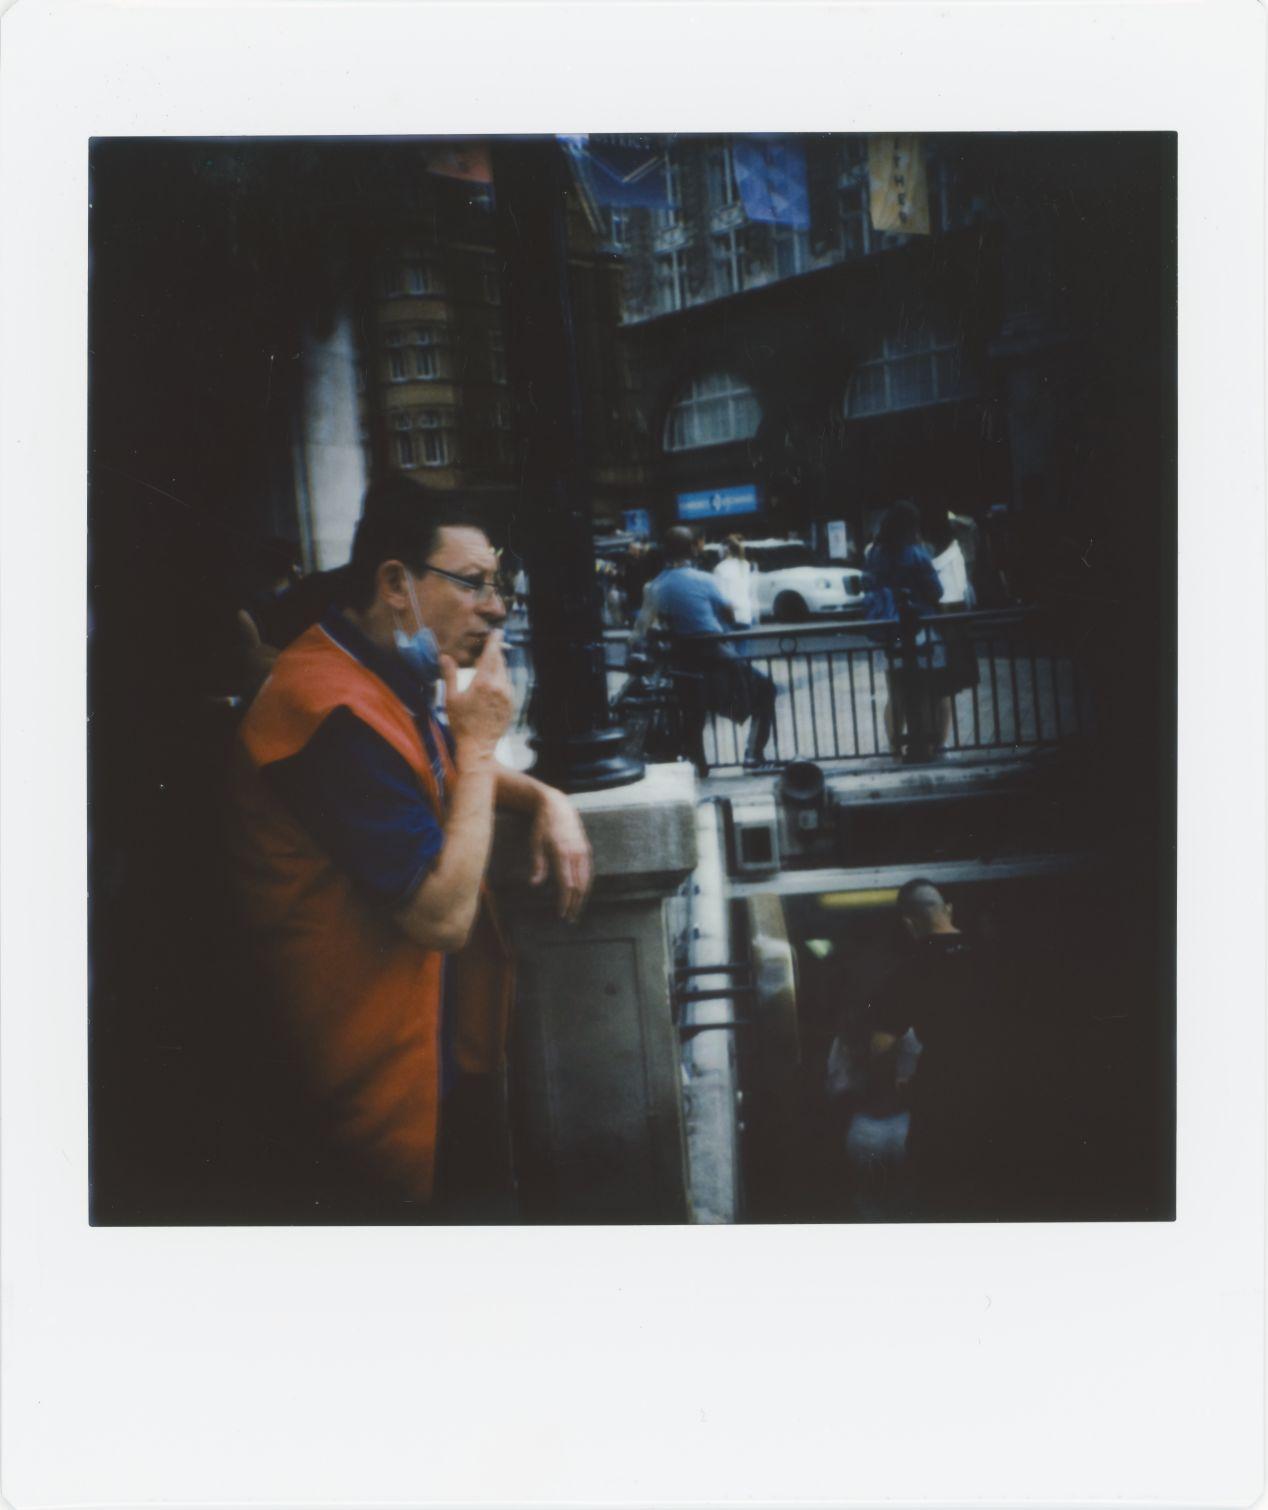 Photograph 11: Oxford Circus.